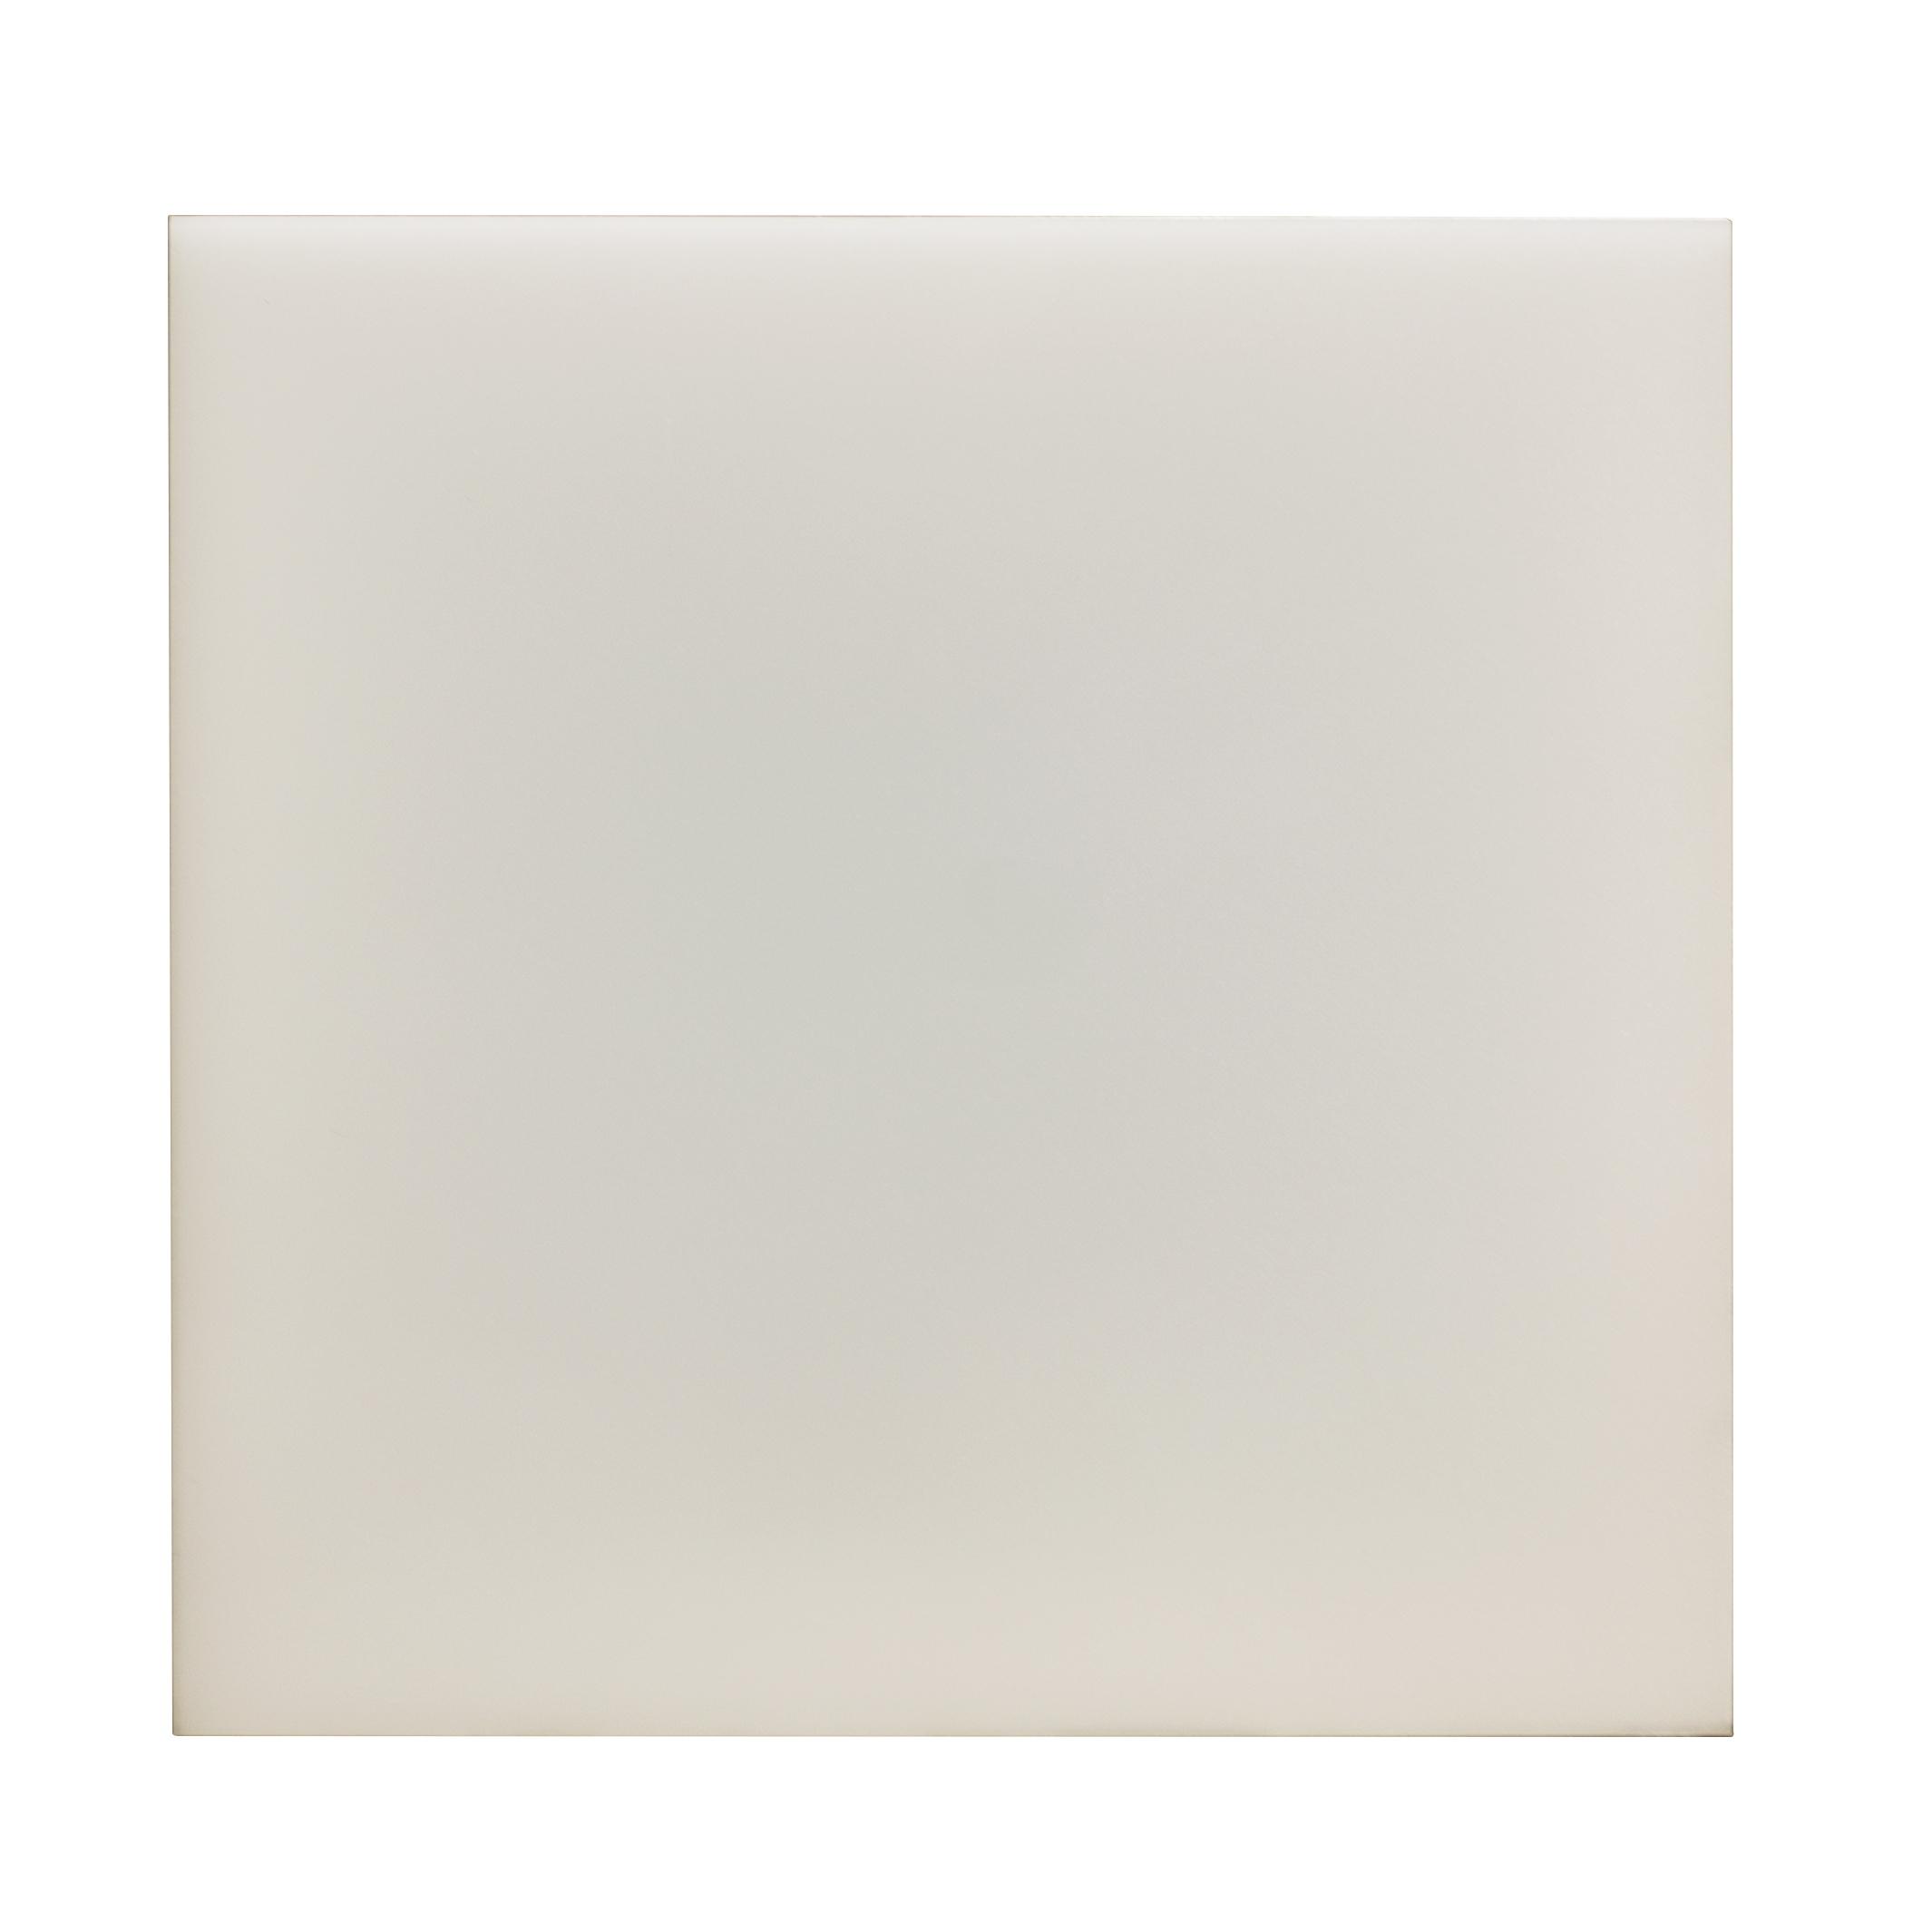 Panel LED Cuadrado Enlazable 9.4W Puzzle. Luz Natural. Marco Blanco